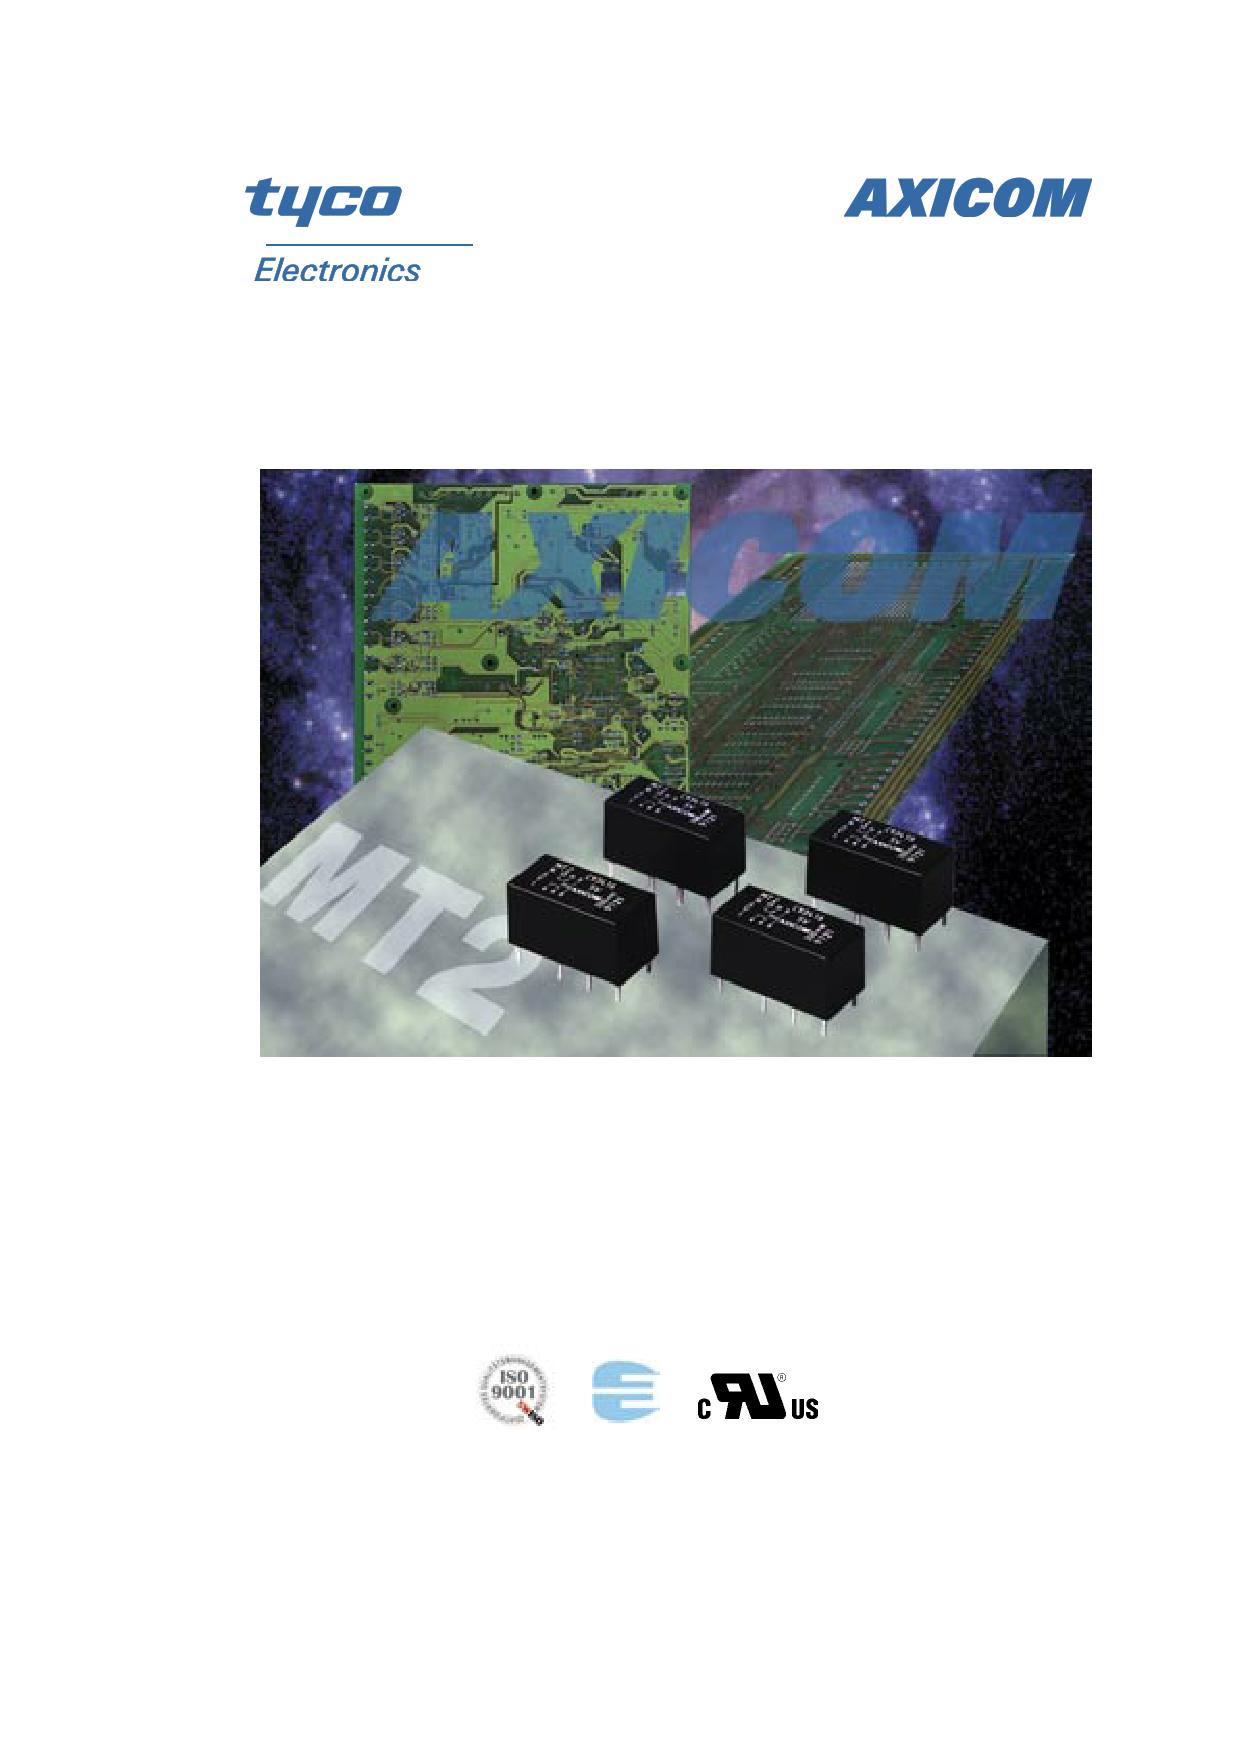 1-1462001-1 datasheet